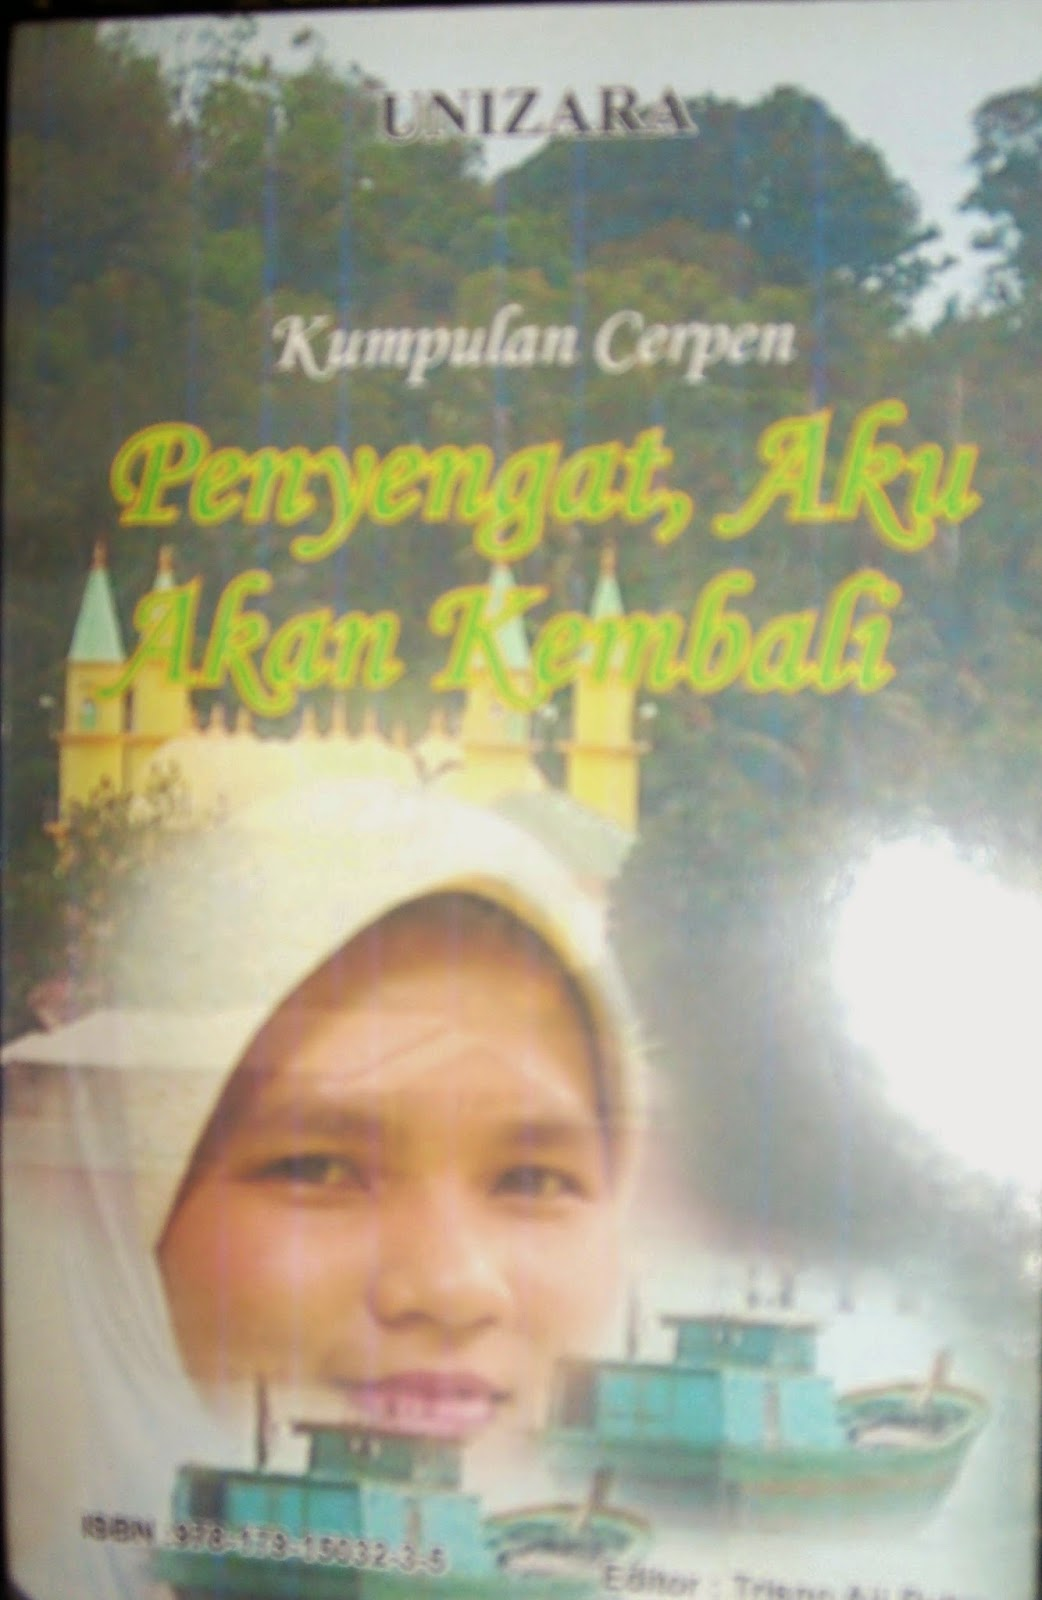 Ruziana, penulis dan sastrawan kota tanjungpinang,kepri telah menghasilkan 2 buku, karyanya juga dimuat disejumlah buku antologi.penulis melayu dari dulu hingga sekarang